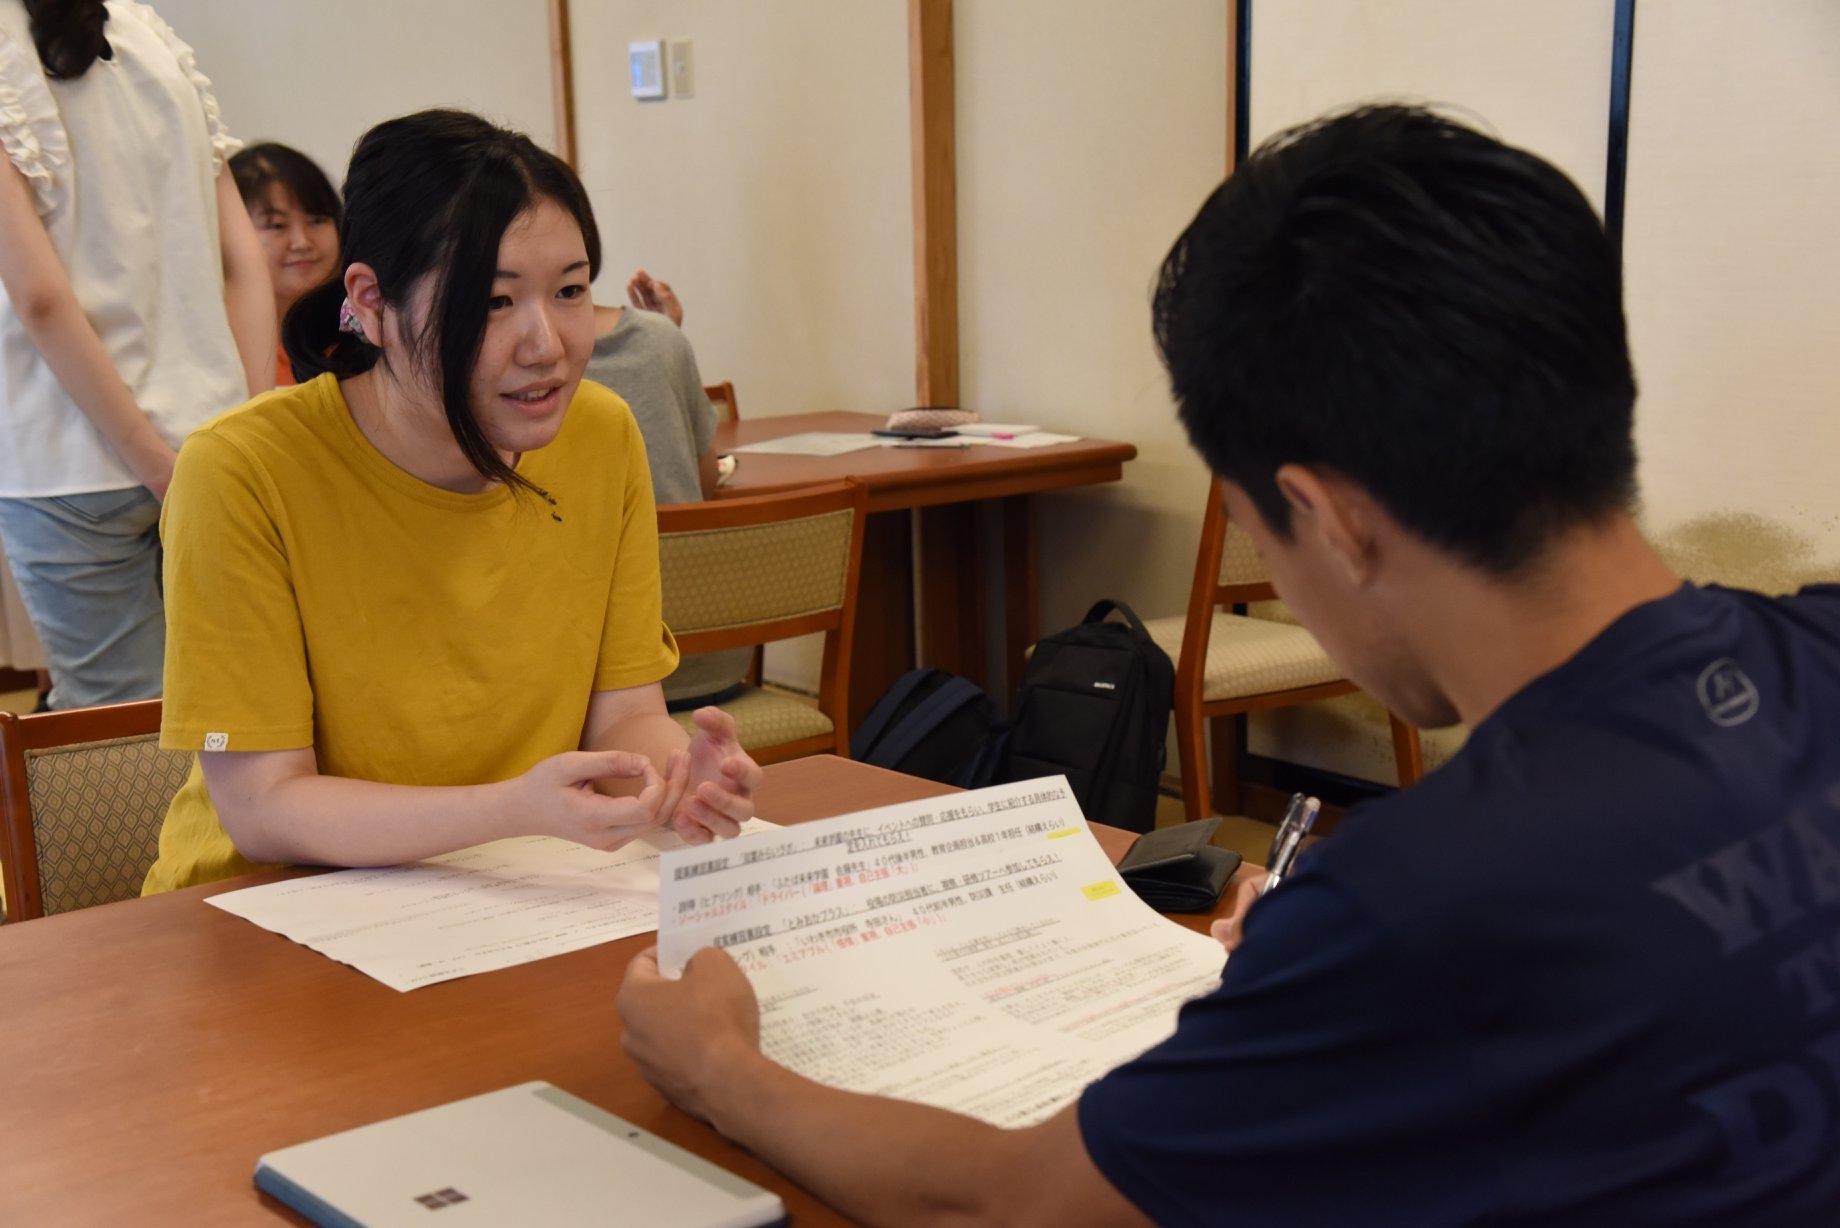 地域企業に新しい風を吹き込む、地域実践型インターンシップの活用方法(小野寺孝晃)